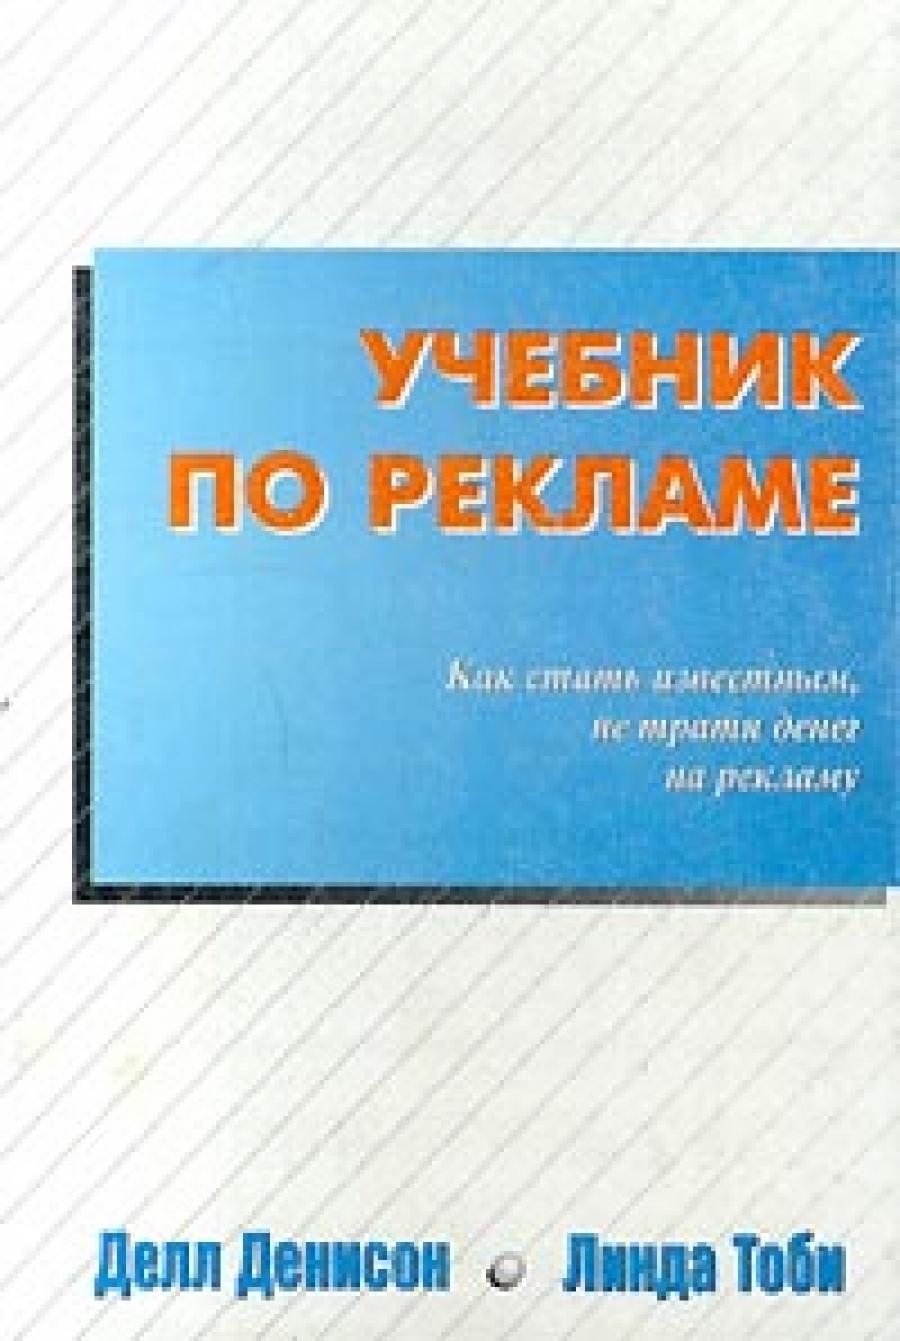 Обложка книги:  делл денисон, линда тоби - учебник по рекламе. как стать известным, не тратя денег на рекламу.